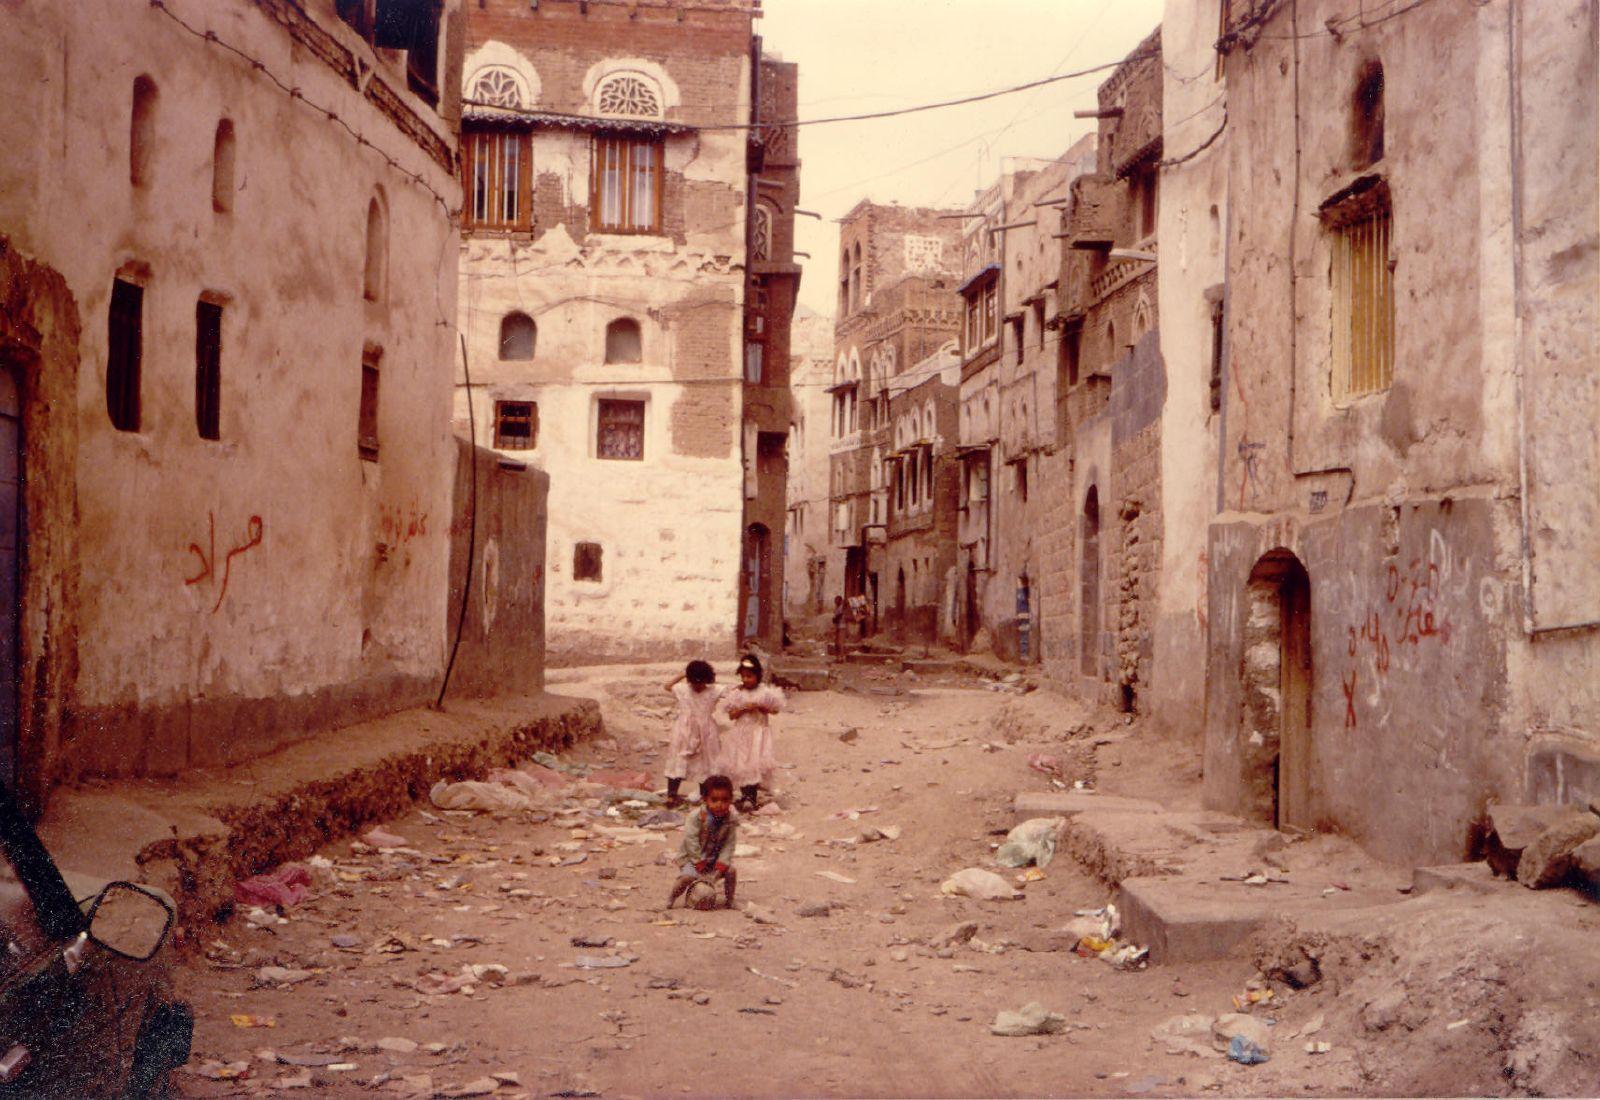 Sana'a, Yemen (Ahron de Leeuw -Flickr)